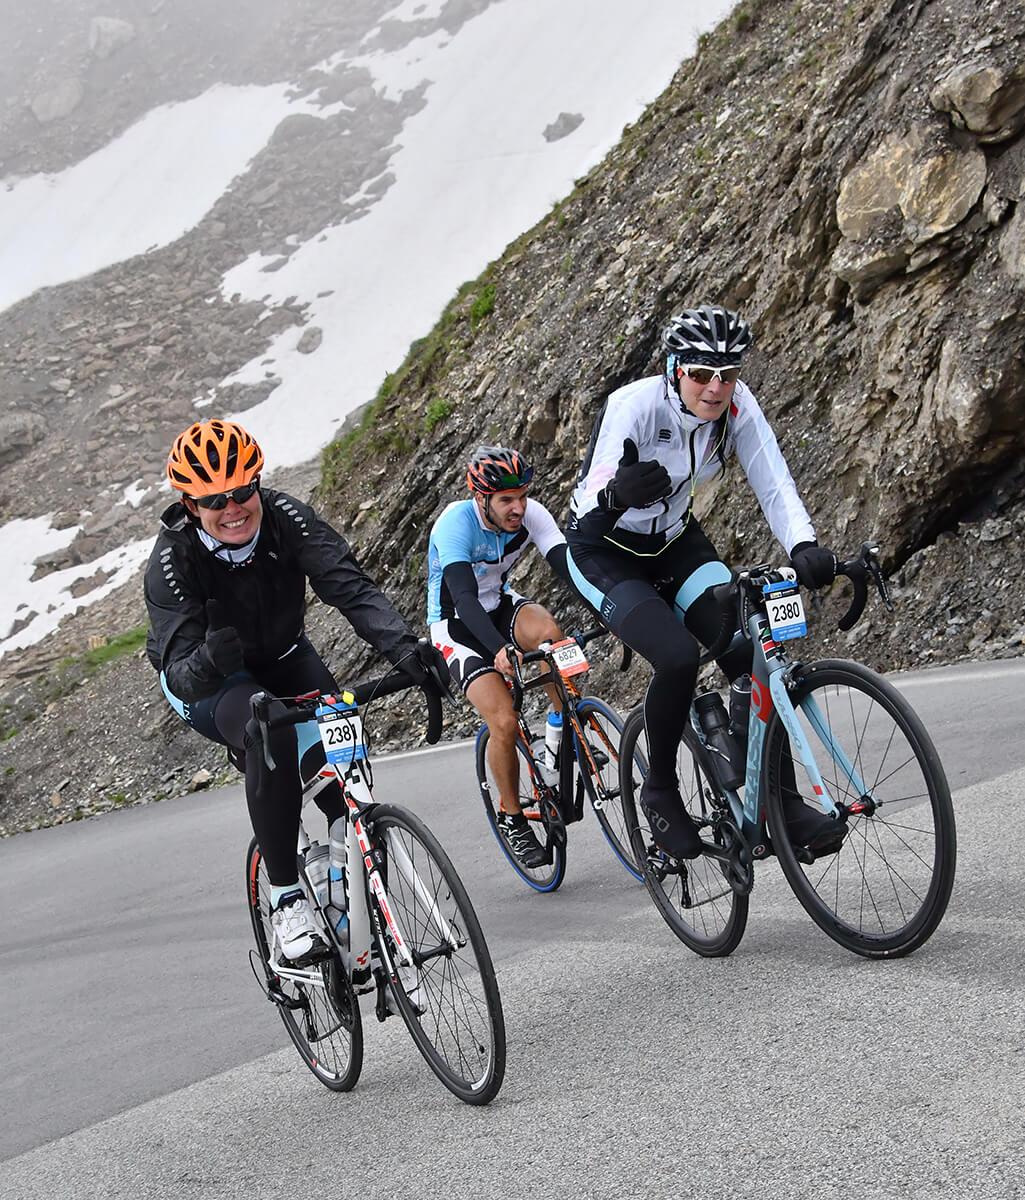 Galibier top, beklimming La Marmotte